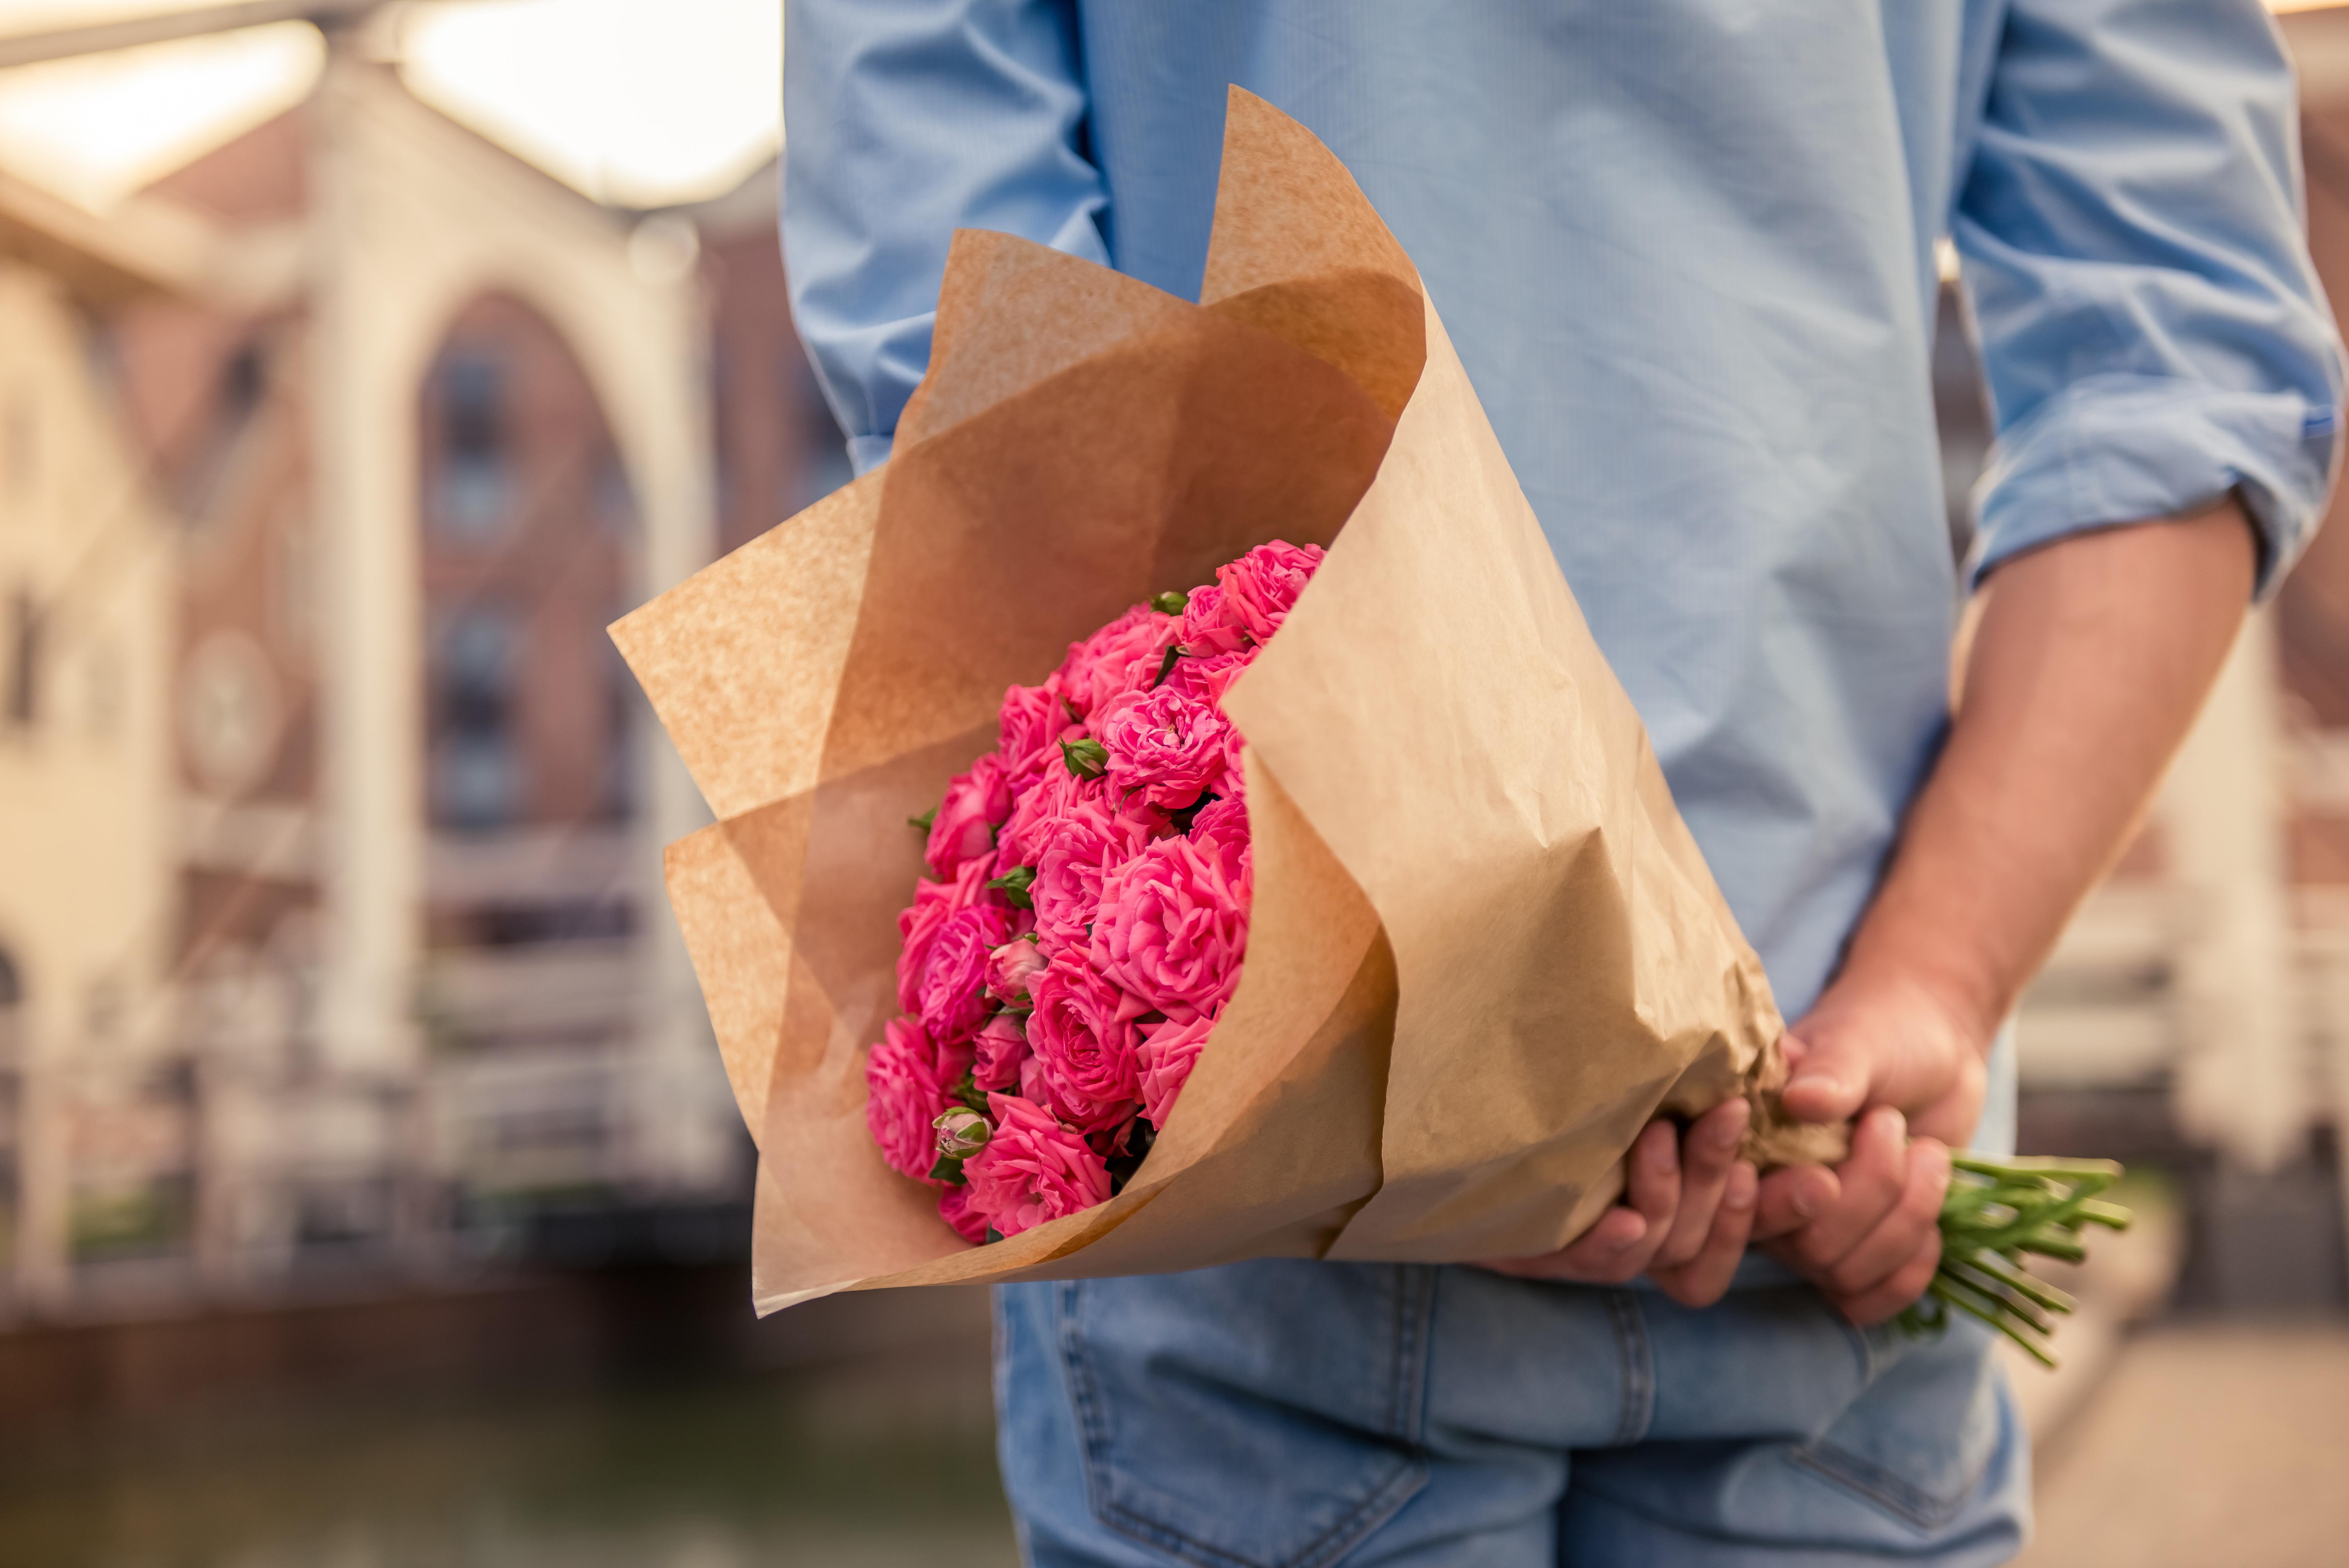 <p><strong>10. Подаряване на цветя</strong><br /> Простият акт на подаряване на цветя на среща може да не е проблем сам по себе си&hellip; в Русия например се очаква мъжете да подарят хубав букет цветя, стига да са нечетен брой. Четен брой цветя са запазени за погребения. Дори историята показва колко сложни могат да бъдат цветята. Във викторианската ера изпращането на жълти рози на някого може да бъде обидно, тъй като се смята, че символизират ревност и изневяра. Дори и днес, когато тези цветя символизират приятелството, те биха могли да намекнат на човек, че просто го смятате за приятел.</p>